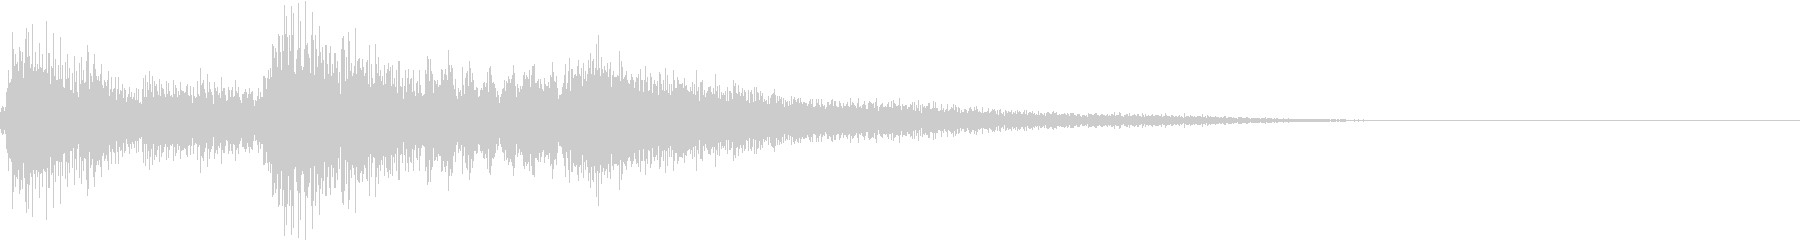 生演奏:やわらかい印象のピアノの未再生の波形